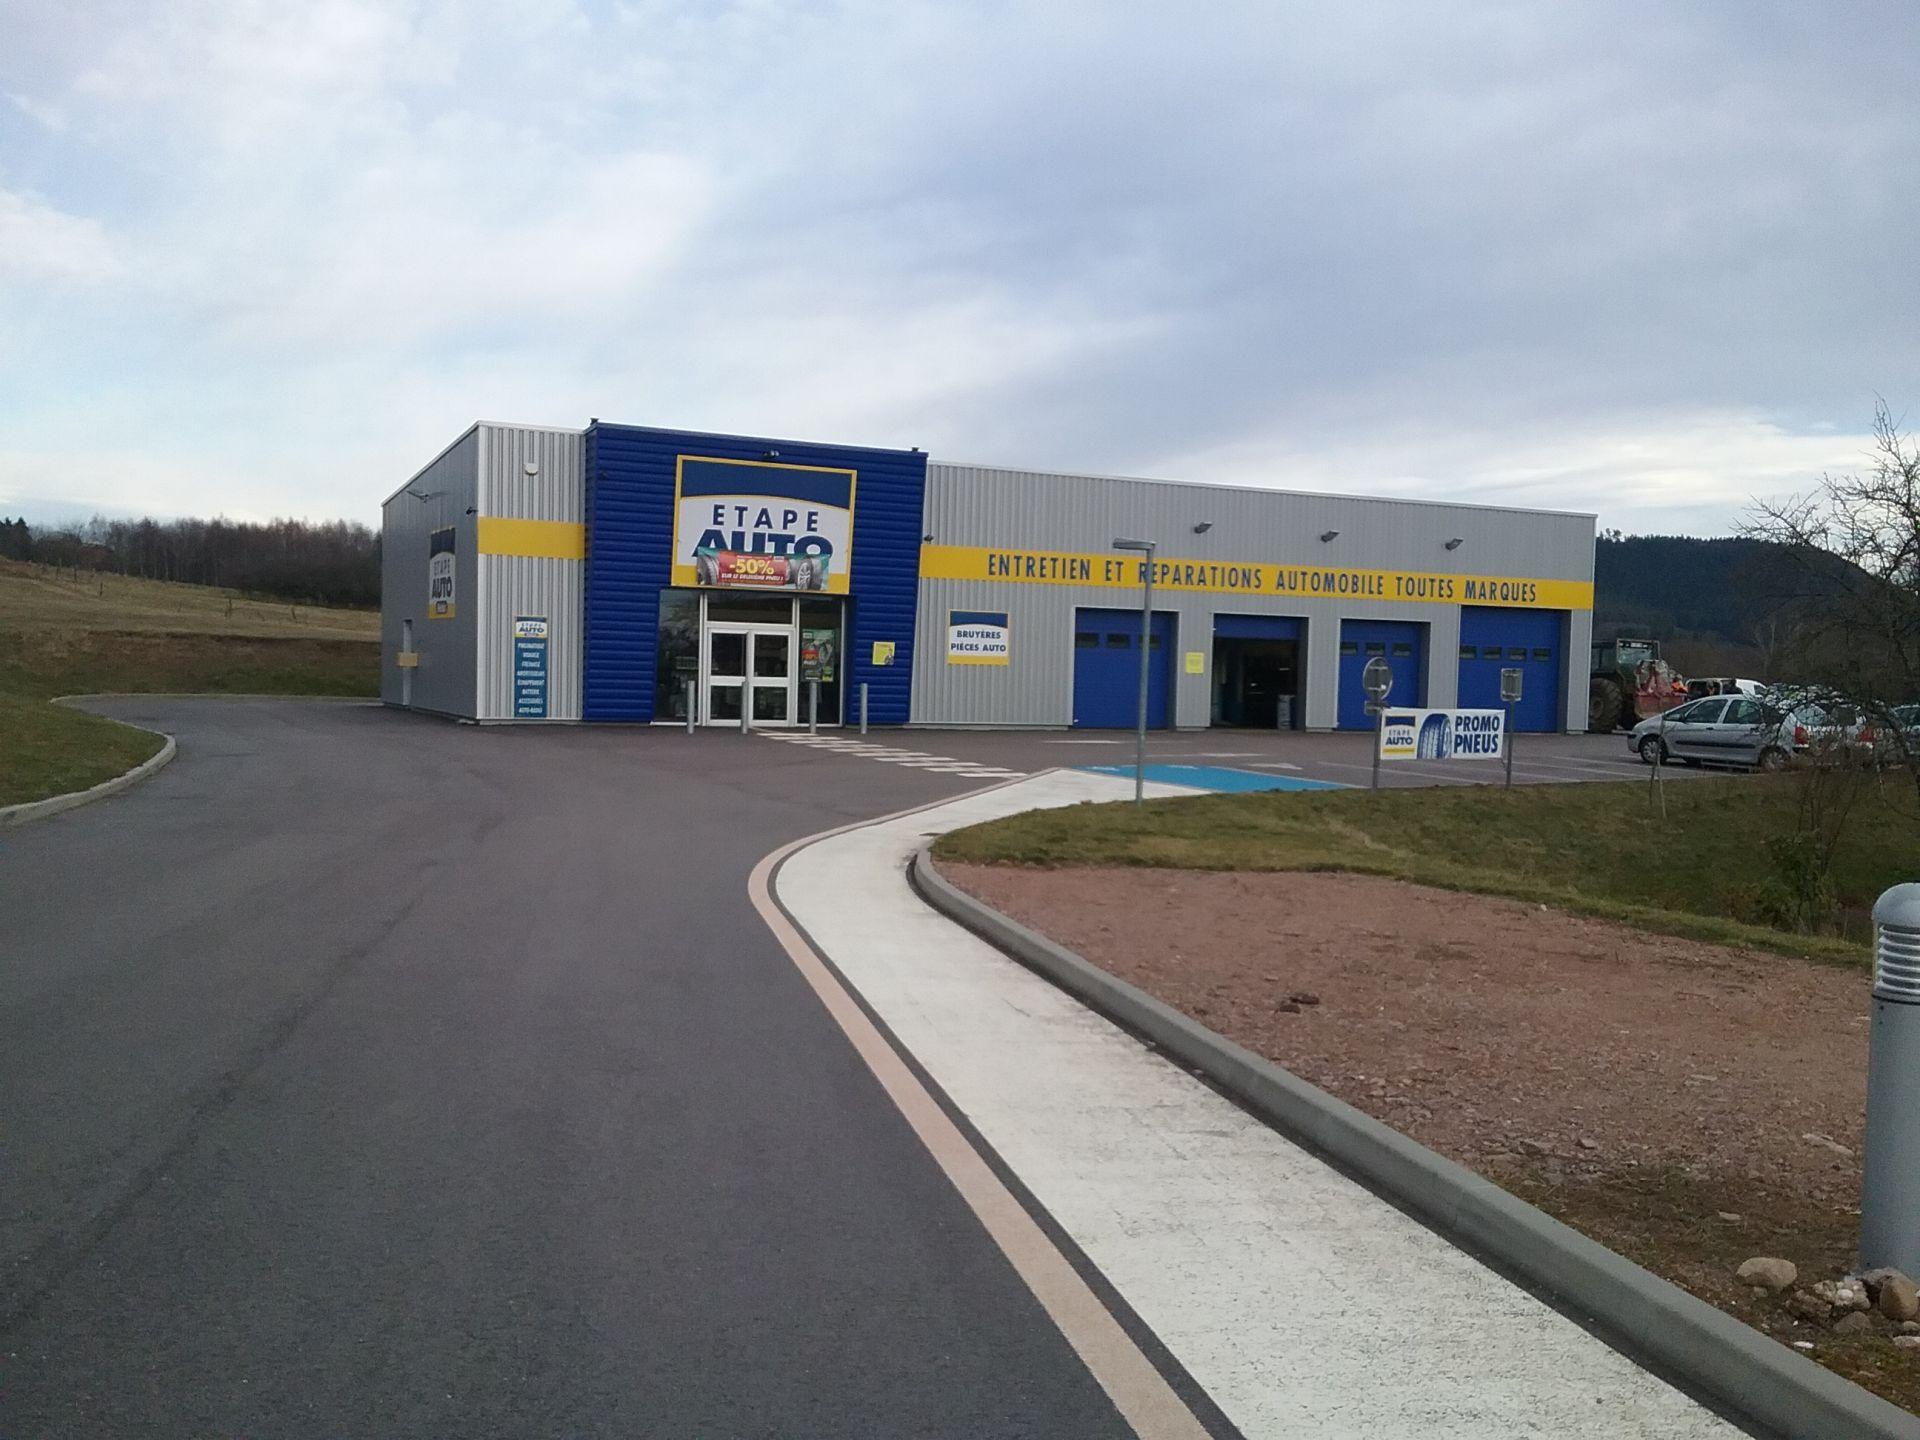 Garage etape auto lorraine tourisme for Garage parc auto auxerre